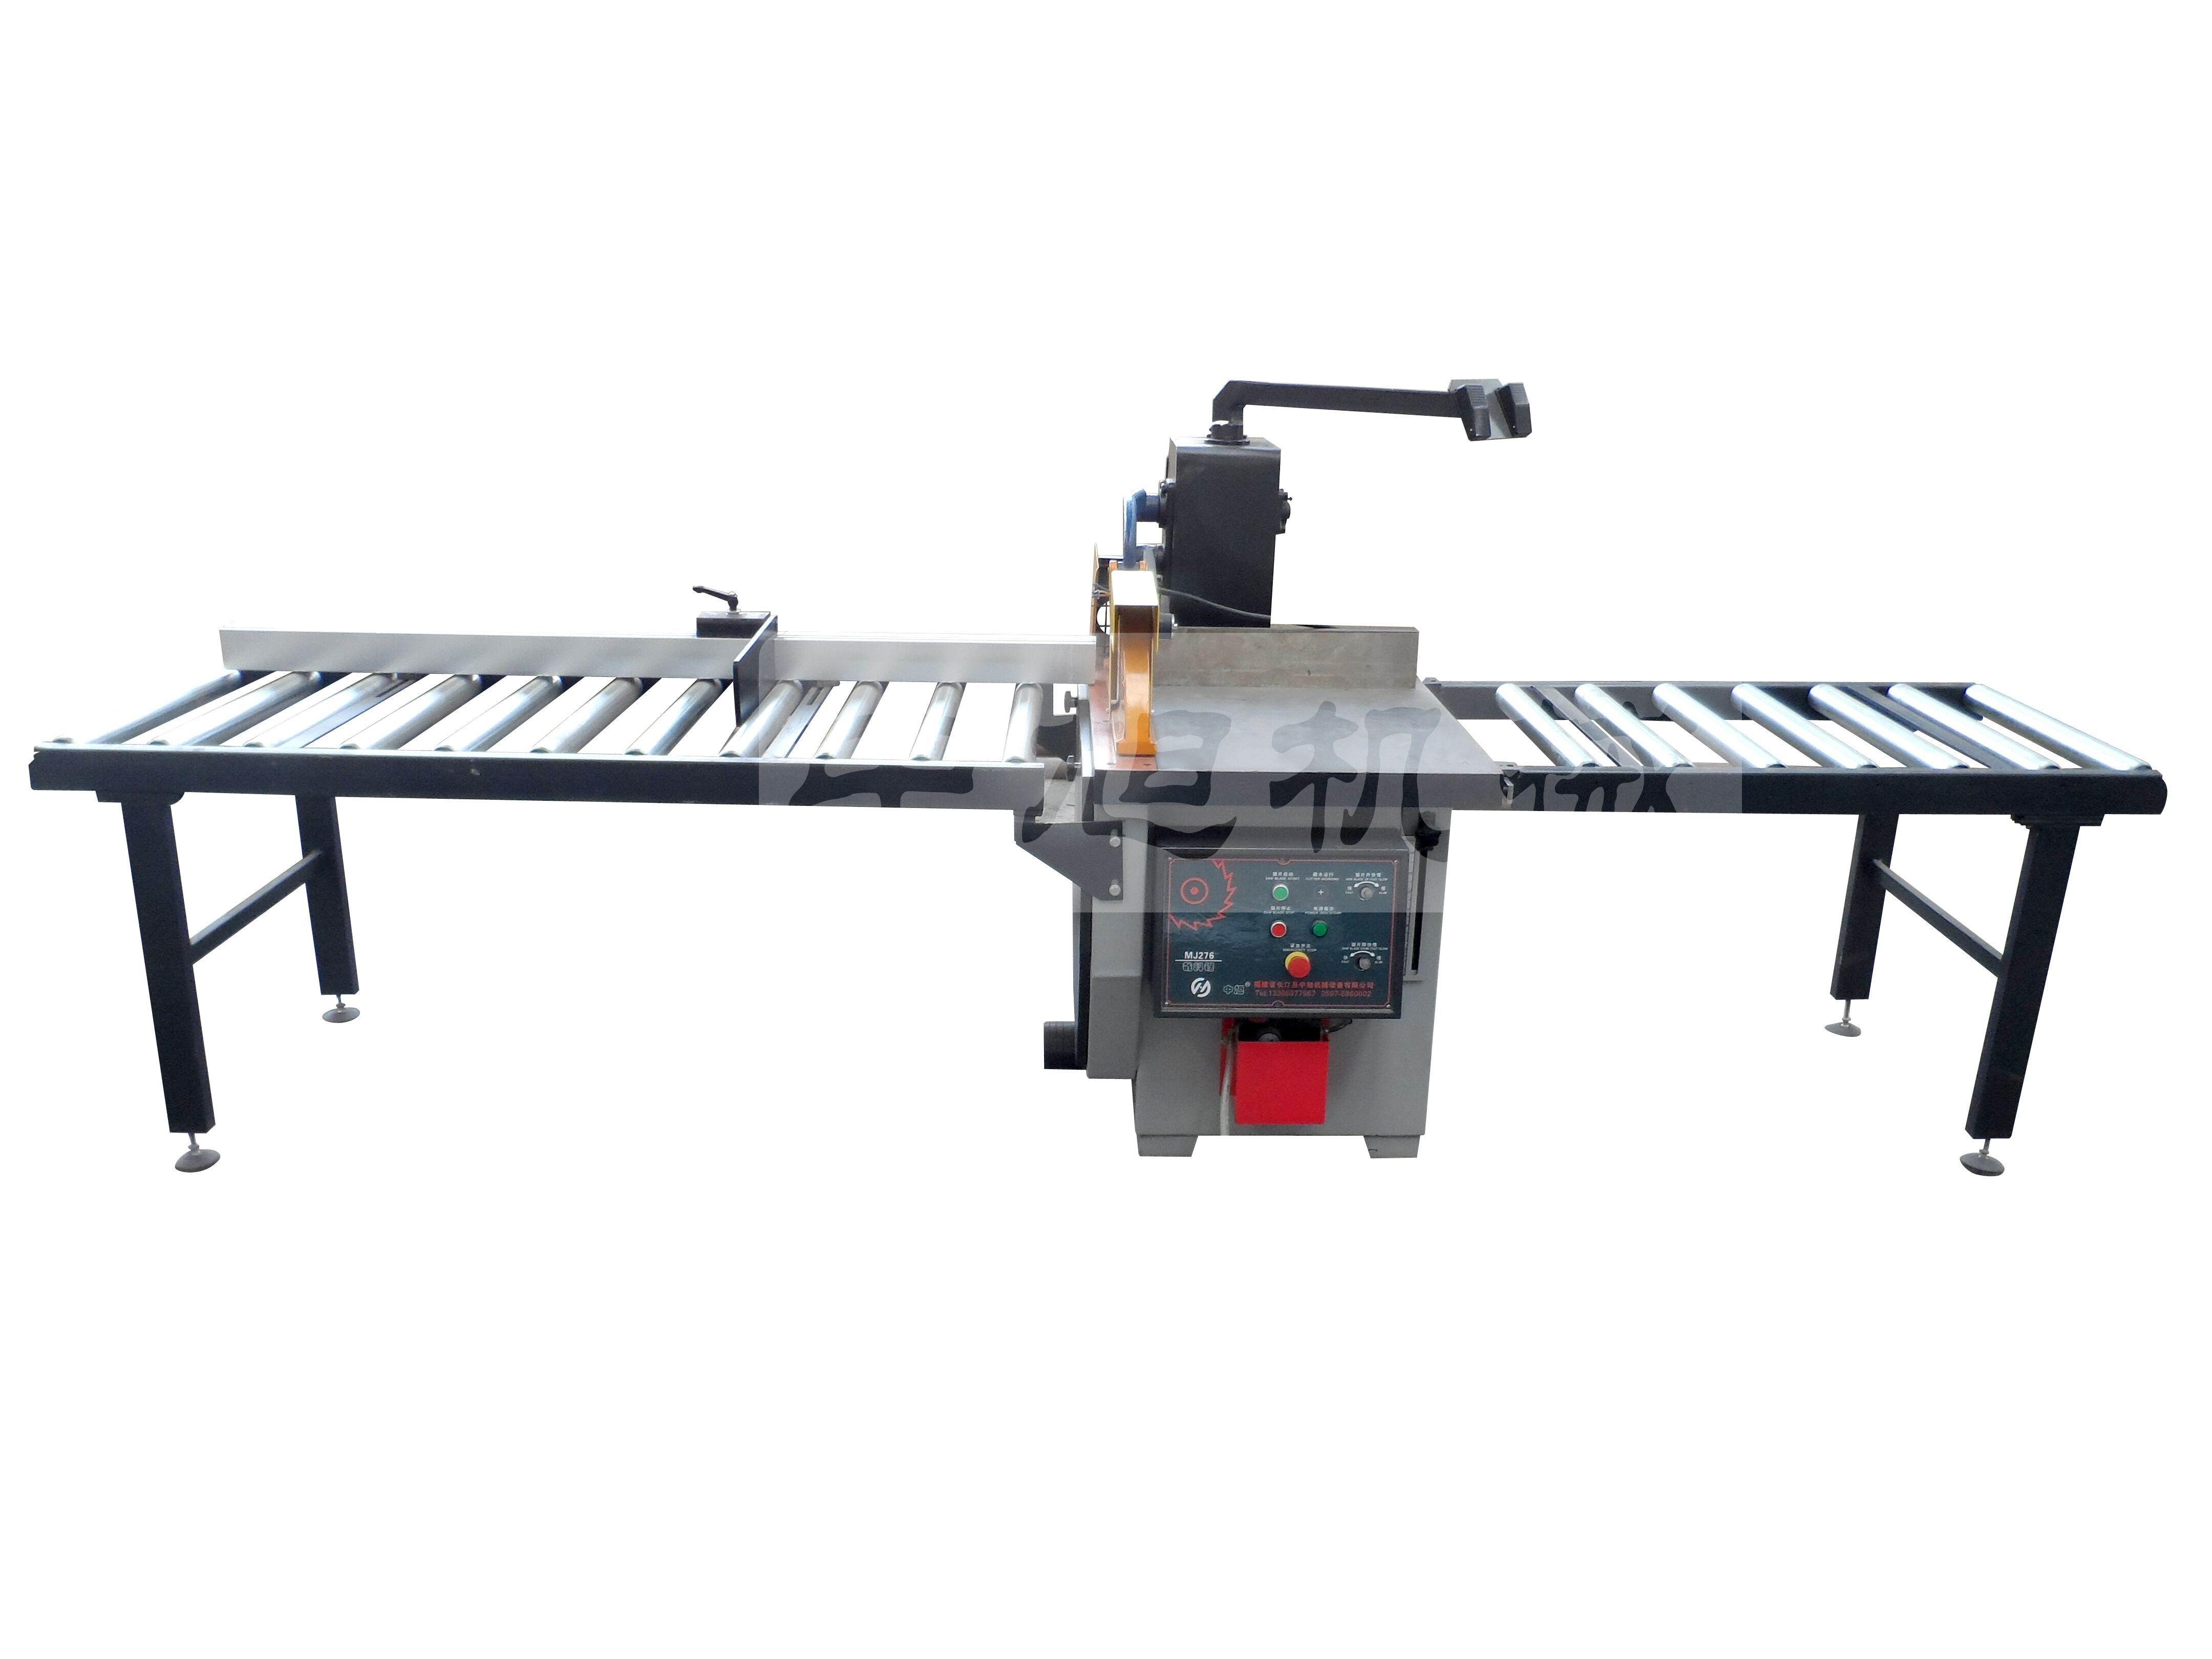 上海容安为您提供多片锯系列 上海多片锯 木工原木多片锯具有良好的减震性和稳定性好的铸铁床身,经数控加工中心加工而成;主轴选用特殊钢材,经特殊加工处理,强度好,精度高;采用滚轮送料,结构简单,维护方便;工作台经特殊处理,耐磨性比普通工作台提高二倍以上,采用进口电气元件,使整机控制灵敏,安全。 总功率 12.